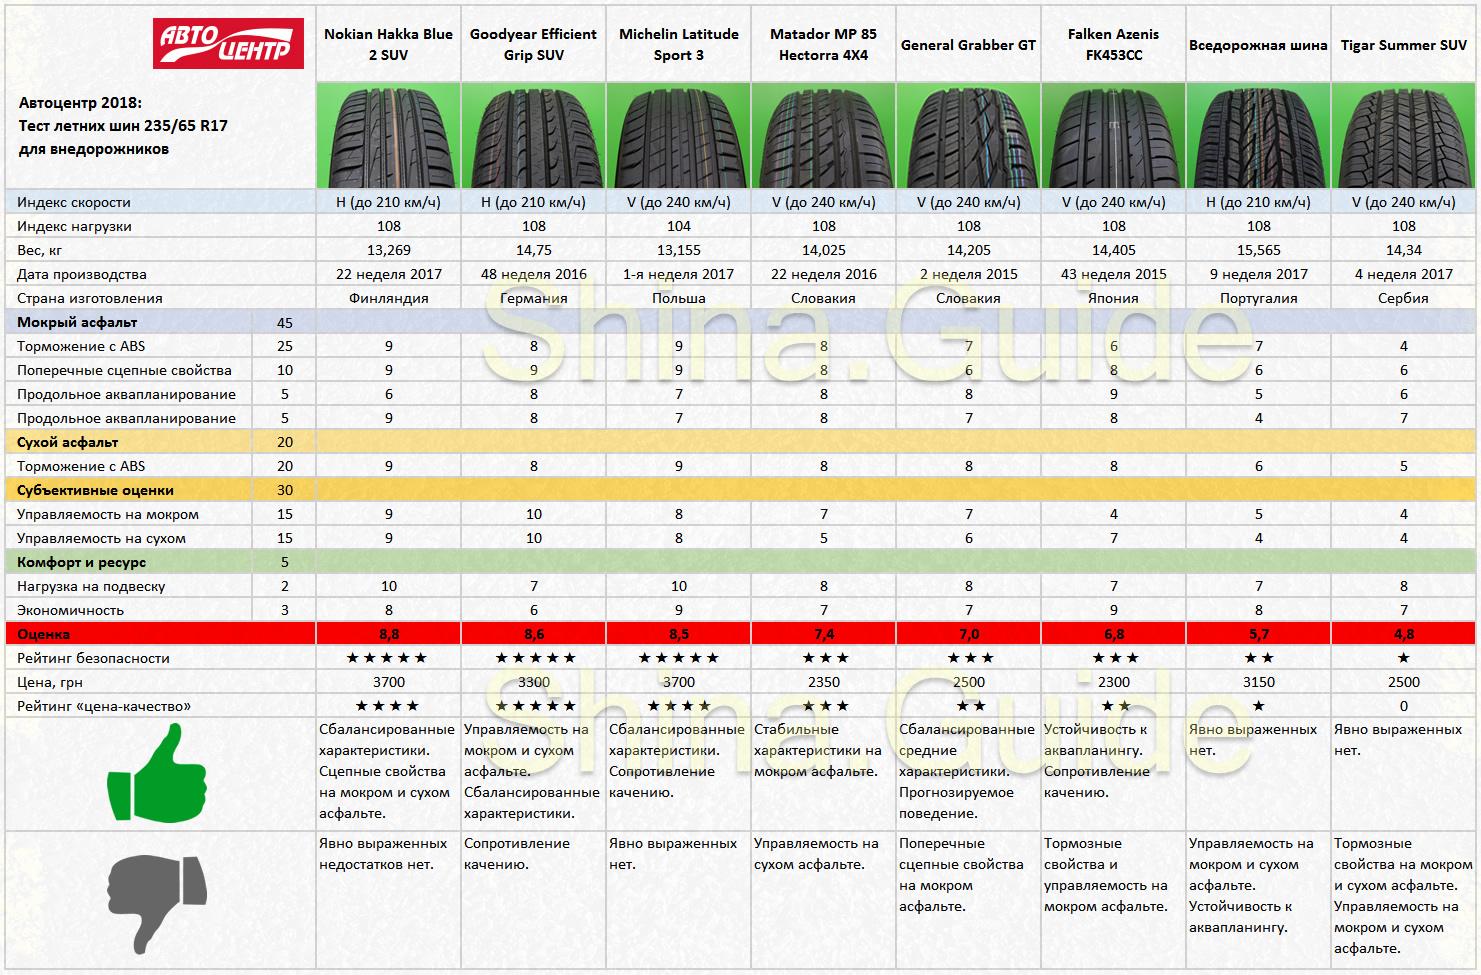 Сводная таблица результатов теста летних шин размера 235/65 R17. Автоцентр, 2018.